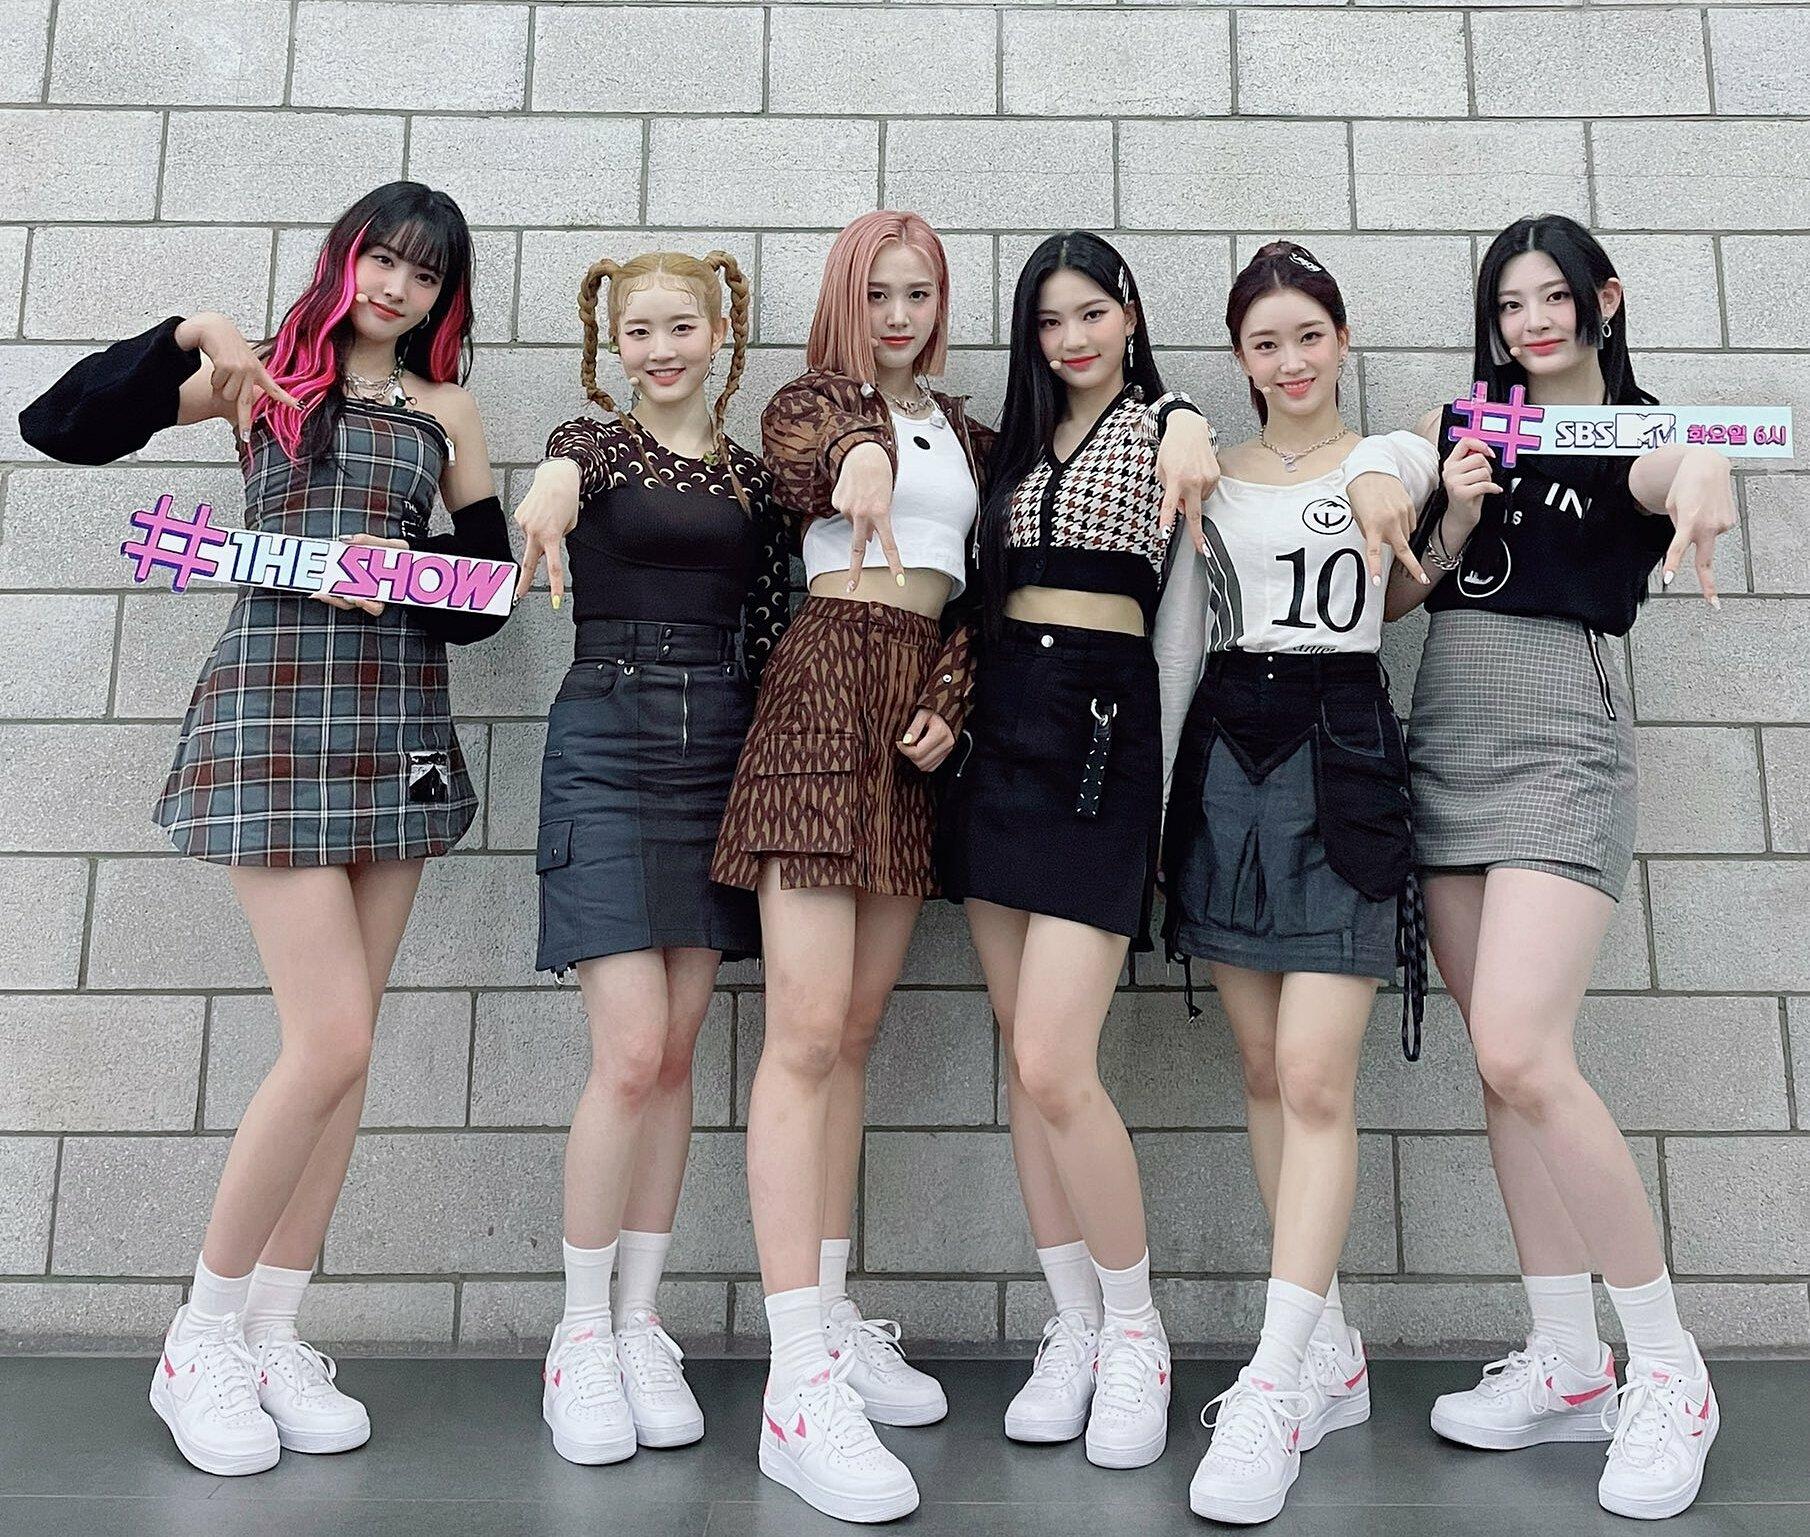 StayC debut tháng 11/2020, là nhóm nhạc tân binh xuất thân từ công ty nhỏ nhưng nhận được sự quan tâm vì các thành viên đều sở hữu visual nổi bật. Gần đây, StayC comeback và quảng bá ca khúc chủ đề ASAP. Những outfit trình diễn của nhóm được khen ngợi vì đồng đều, đẹp mắt, phù hợp với từng thành viên.